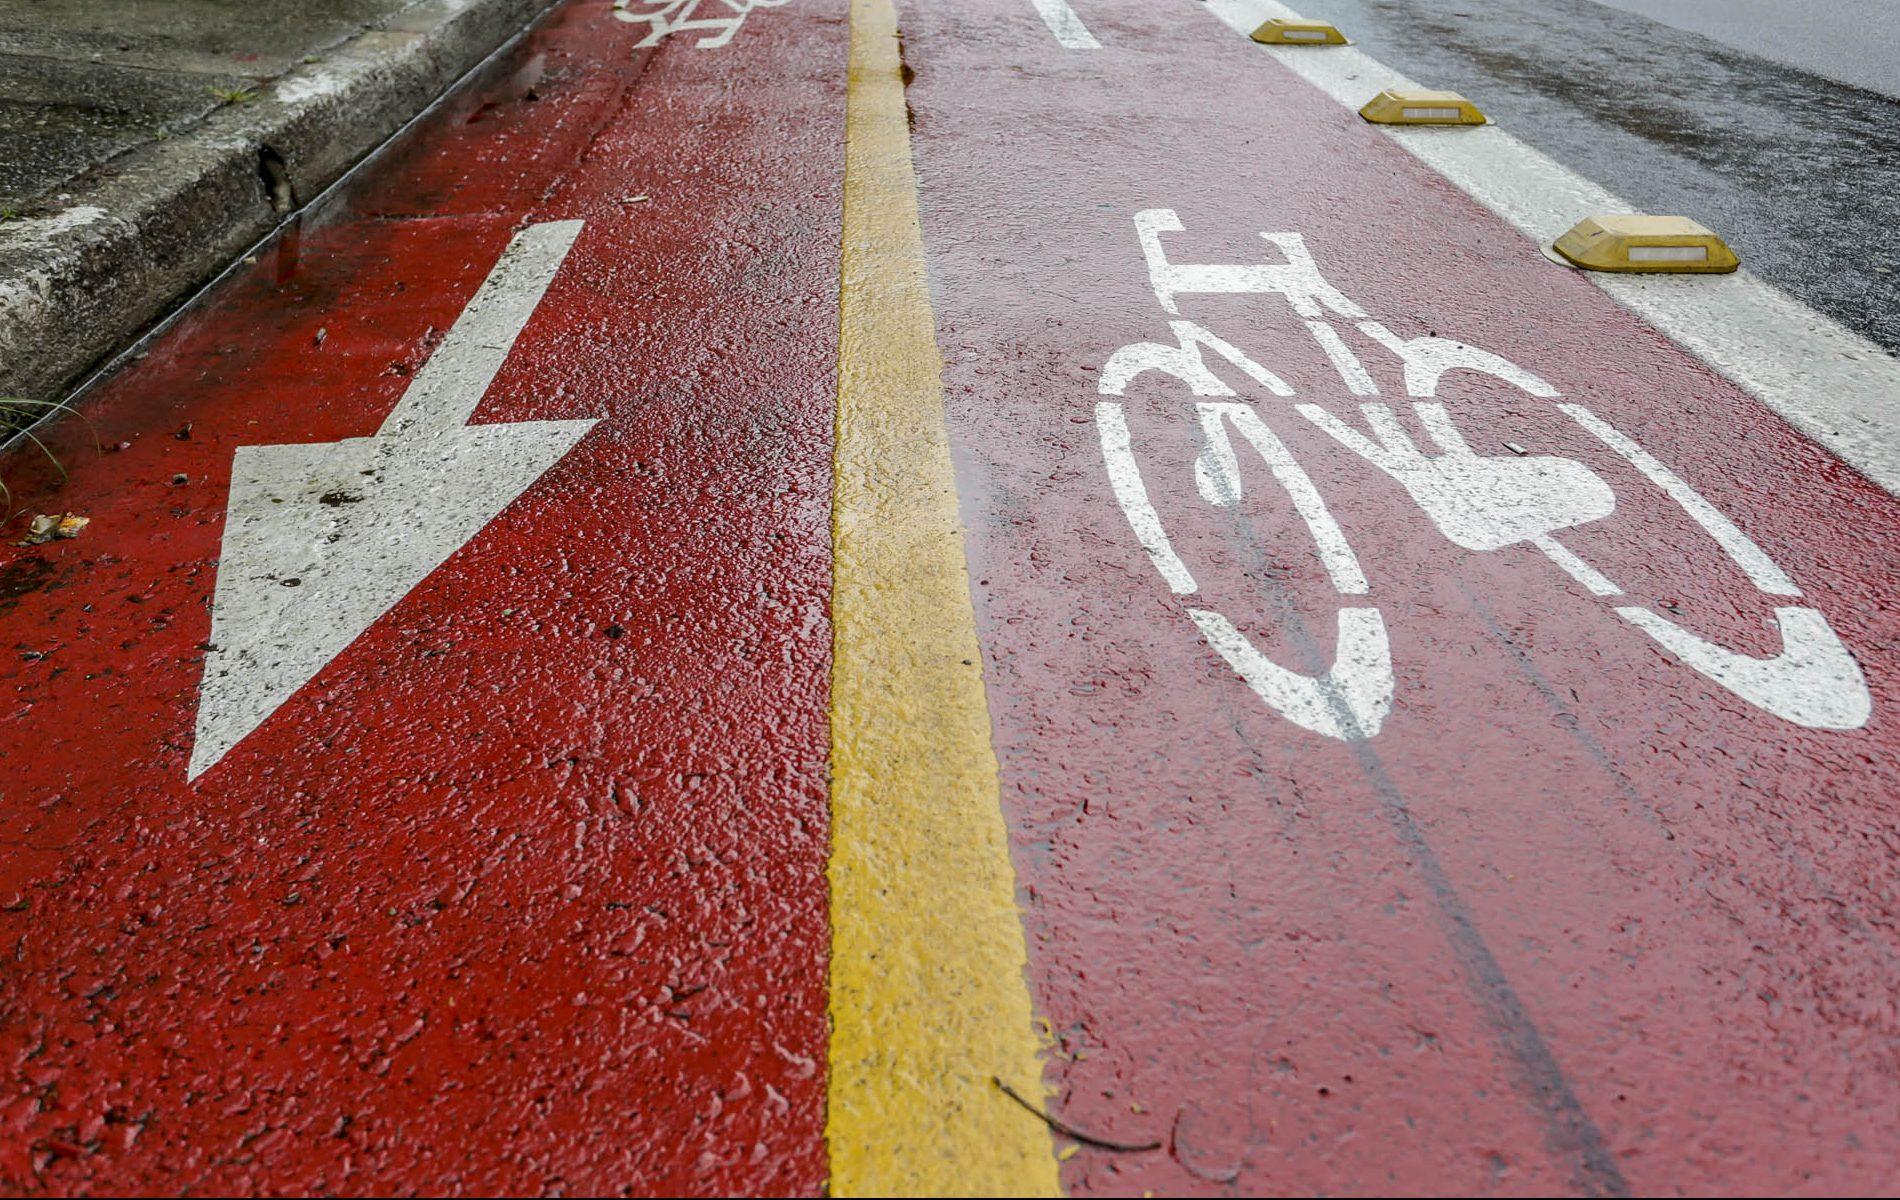 Obras do Plano Cicloviário já foram iniciadas (Crédito: Divulgação Prefeitura)